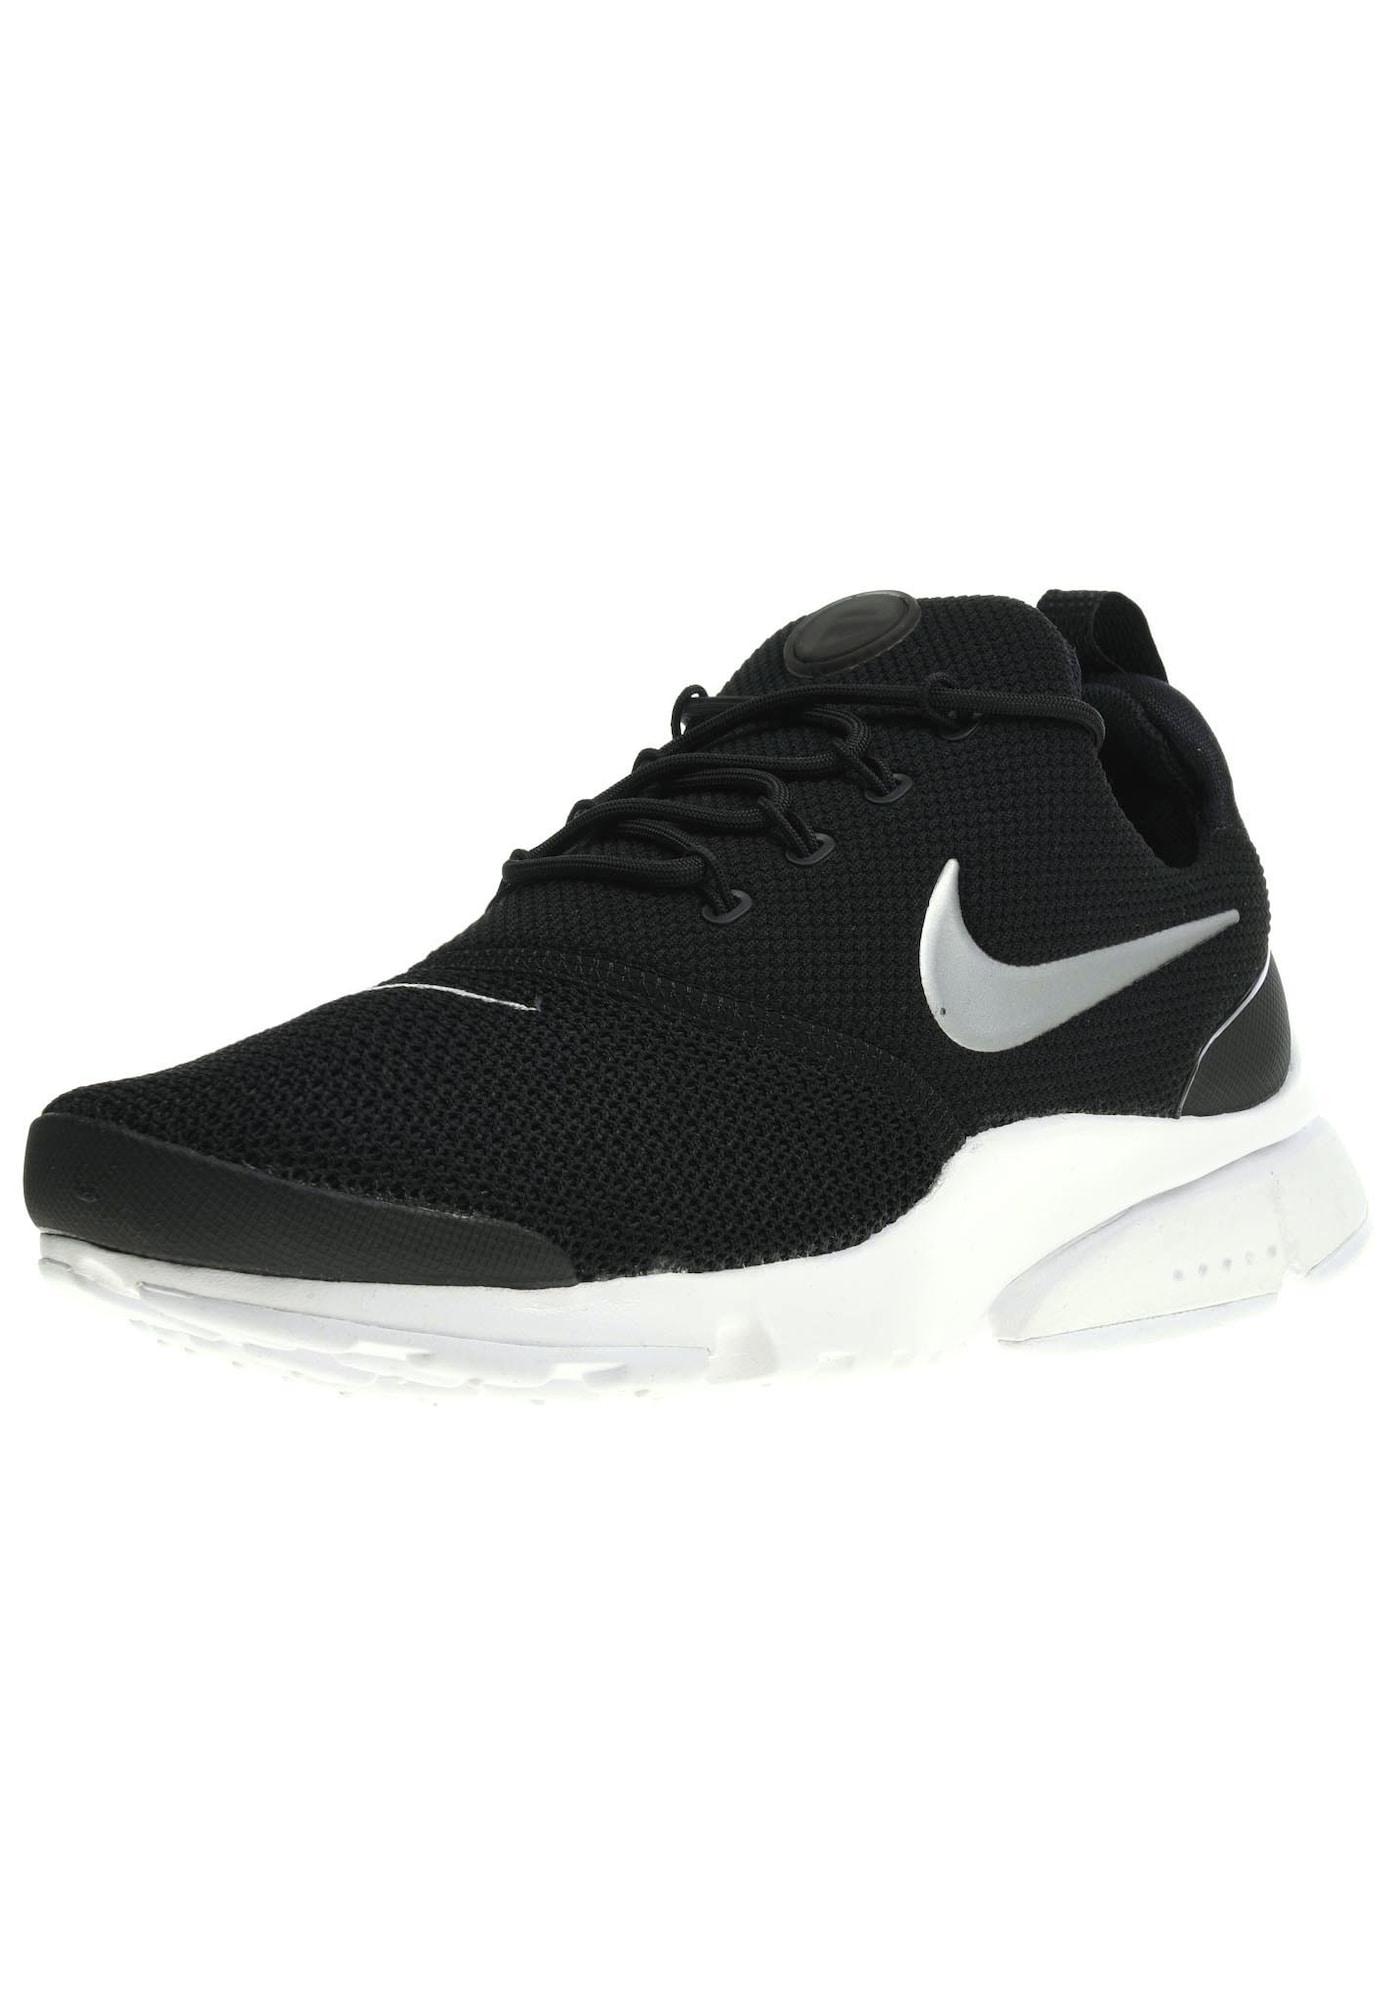 Nike Sportswear, Dames Sneakers laag 'Presto Fly', zwart